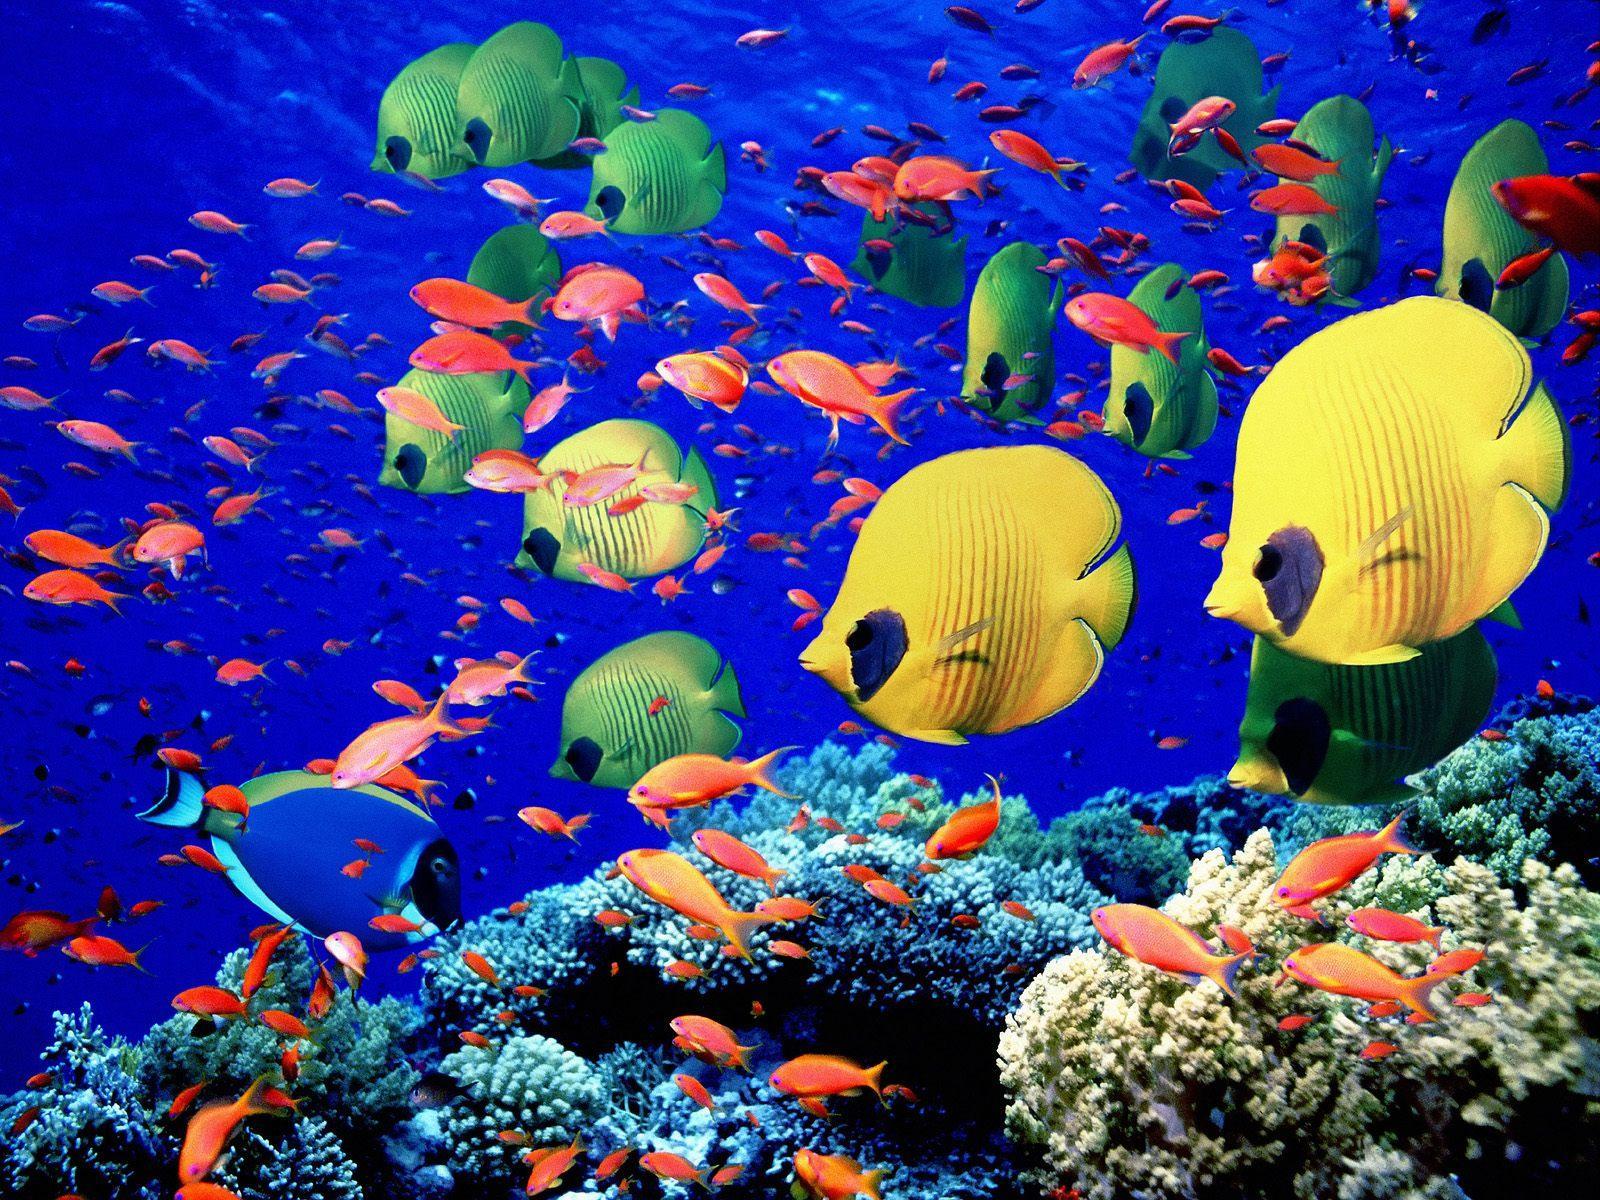 http://4.bp.blogspot.com/-8bkCnR5IAr8/Tmgm3lN6ULI/AAAAAAAABuc/86Fup1qGBAI/s1600/peces-multicolor2%255B1%255D.jpg